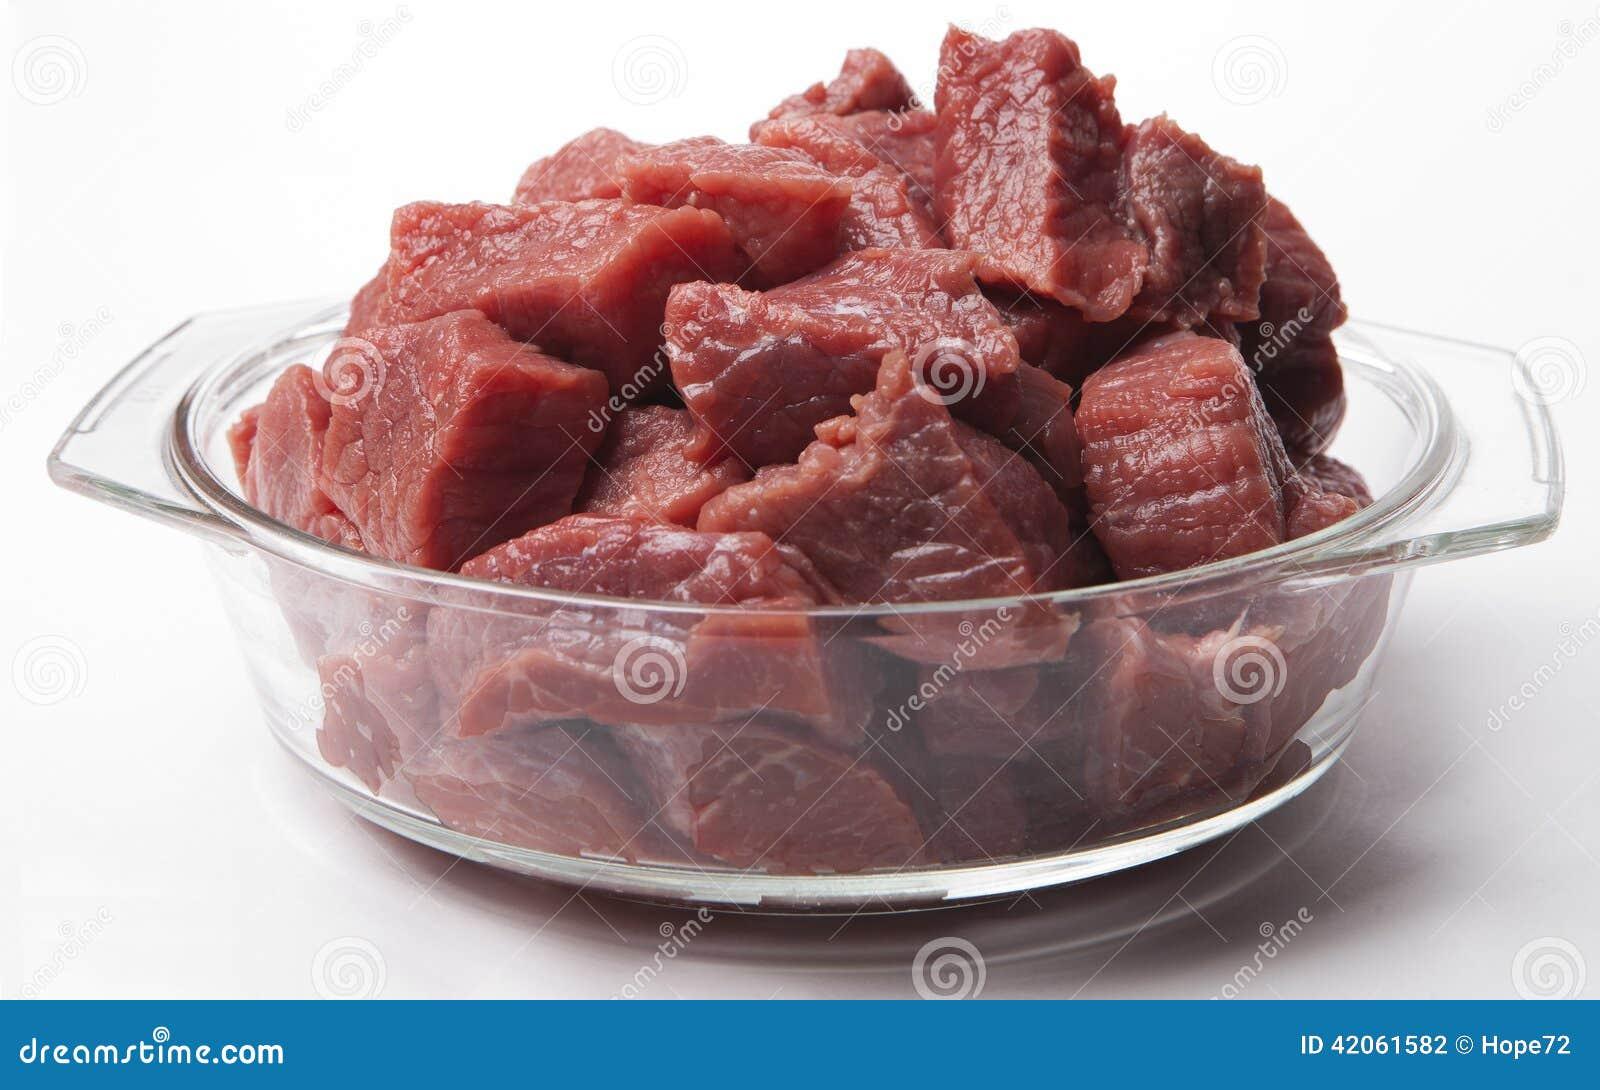 Pork Based Dog Food